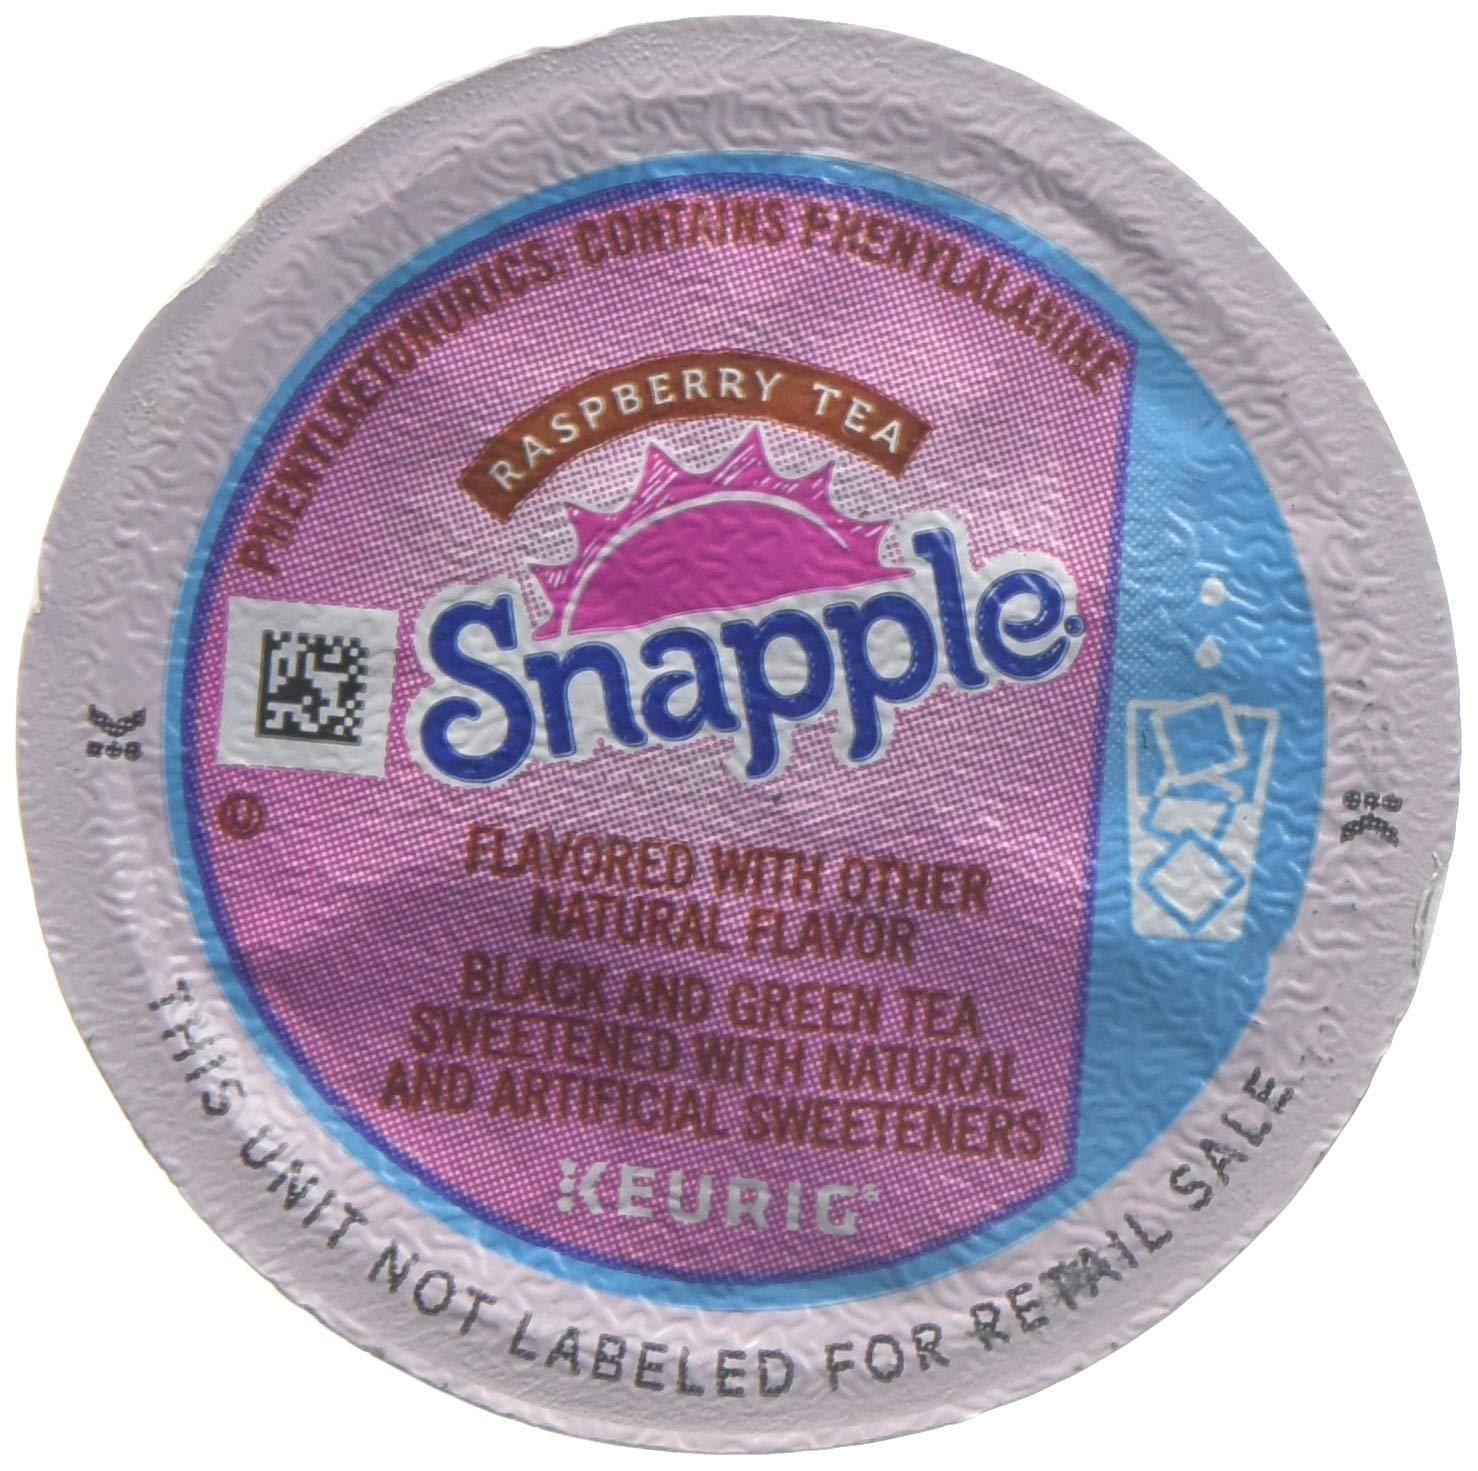 Snapple Raspberry Iced Tea K-Cups (88 K-Cups)